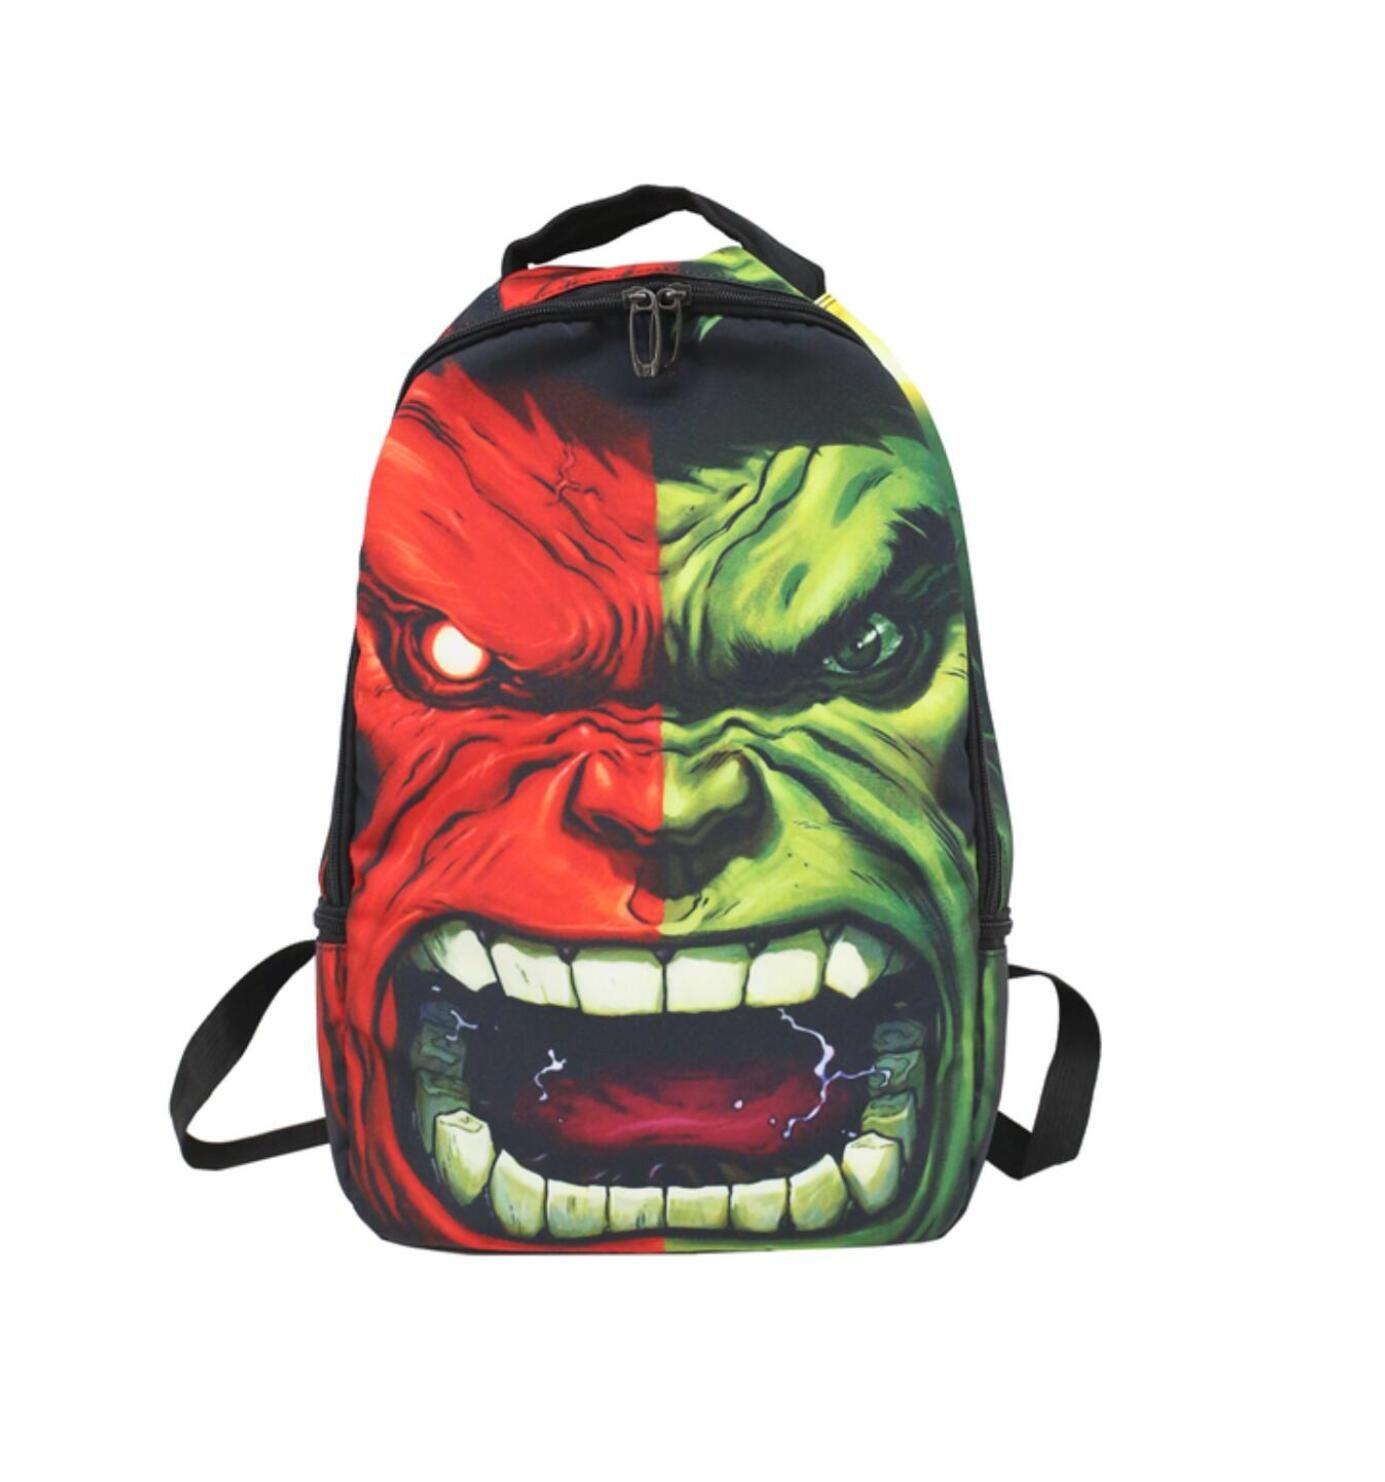 75ffb5ac9f Men Women s Backpack Cartoon Fashion Canvas Bag Punk Travel School ...